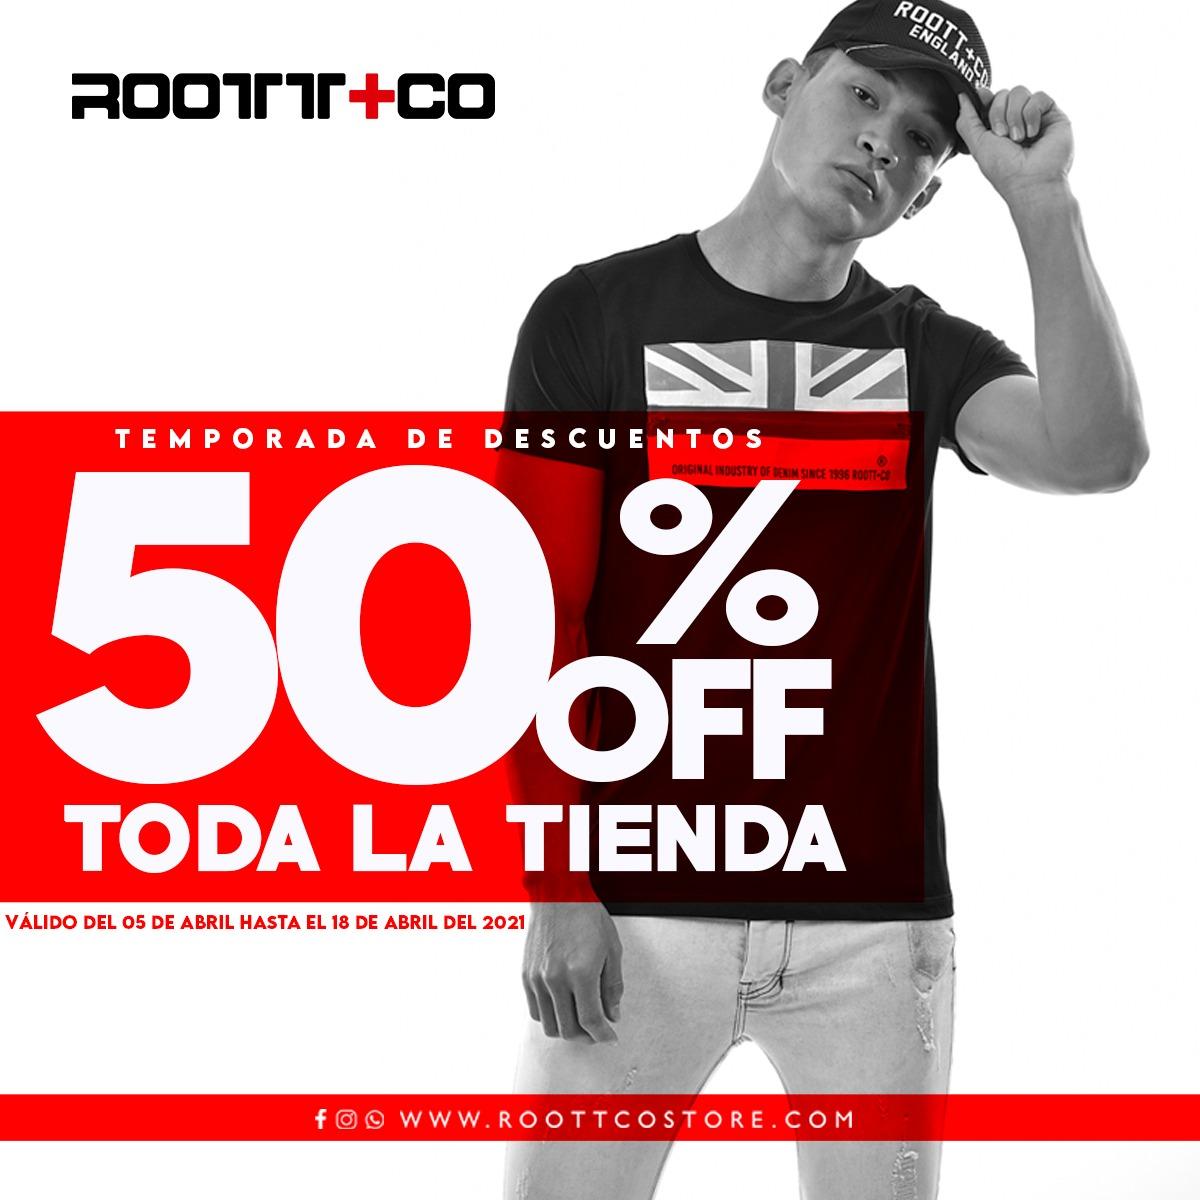 ROTTt+CO